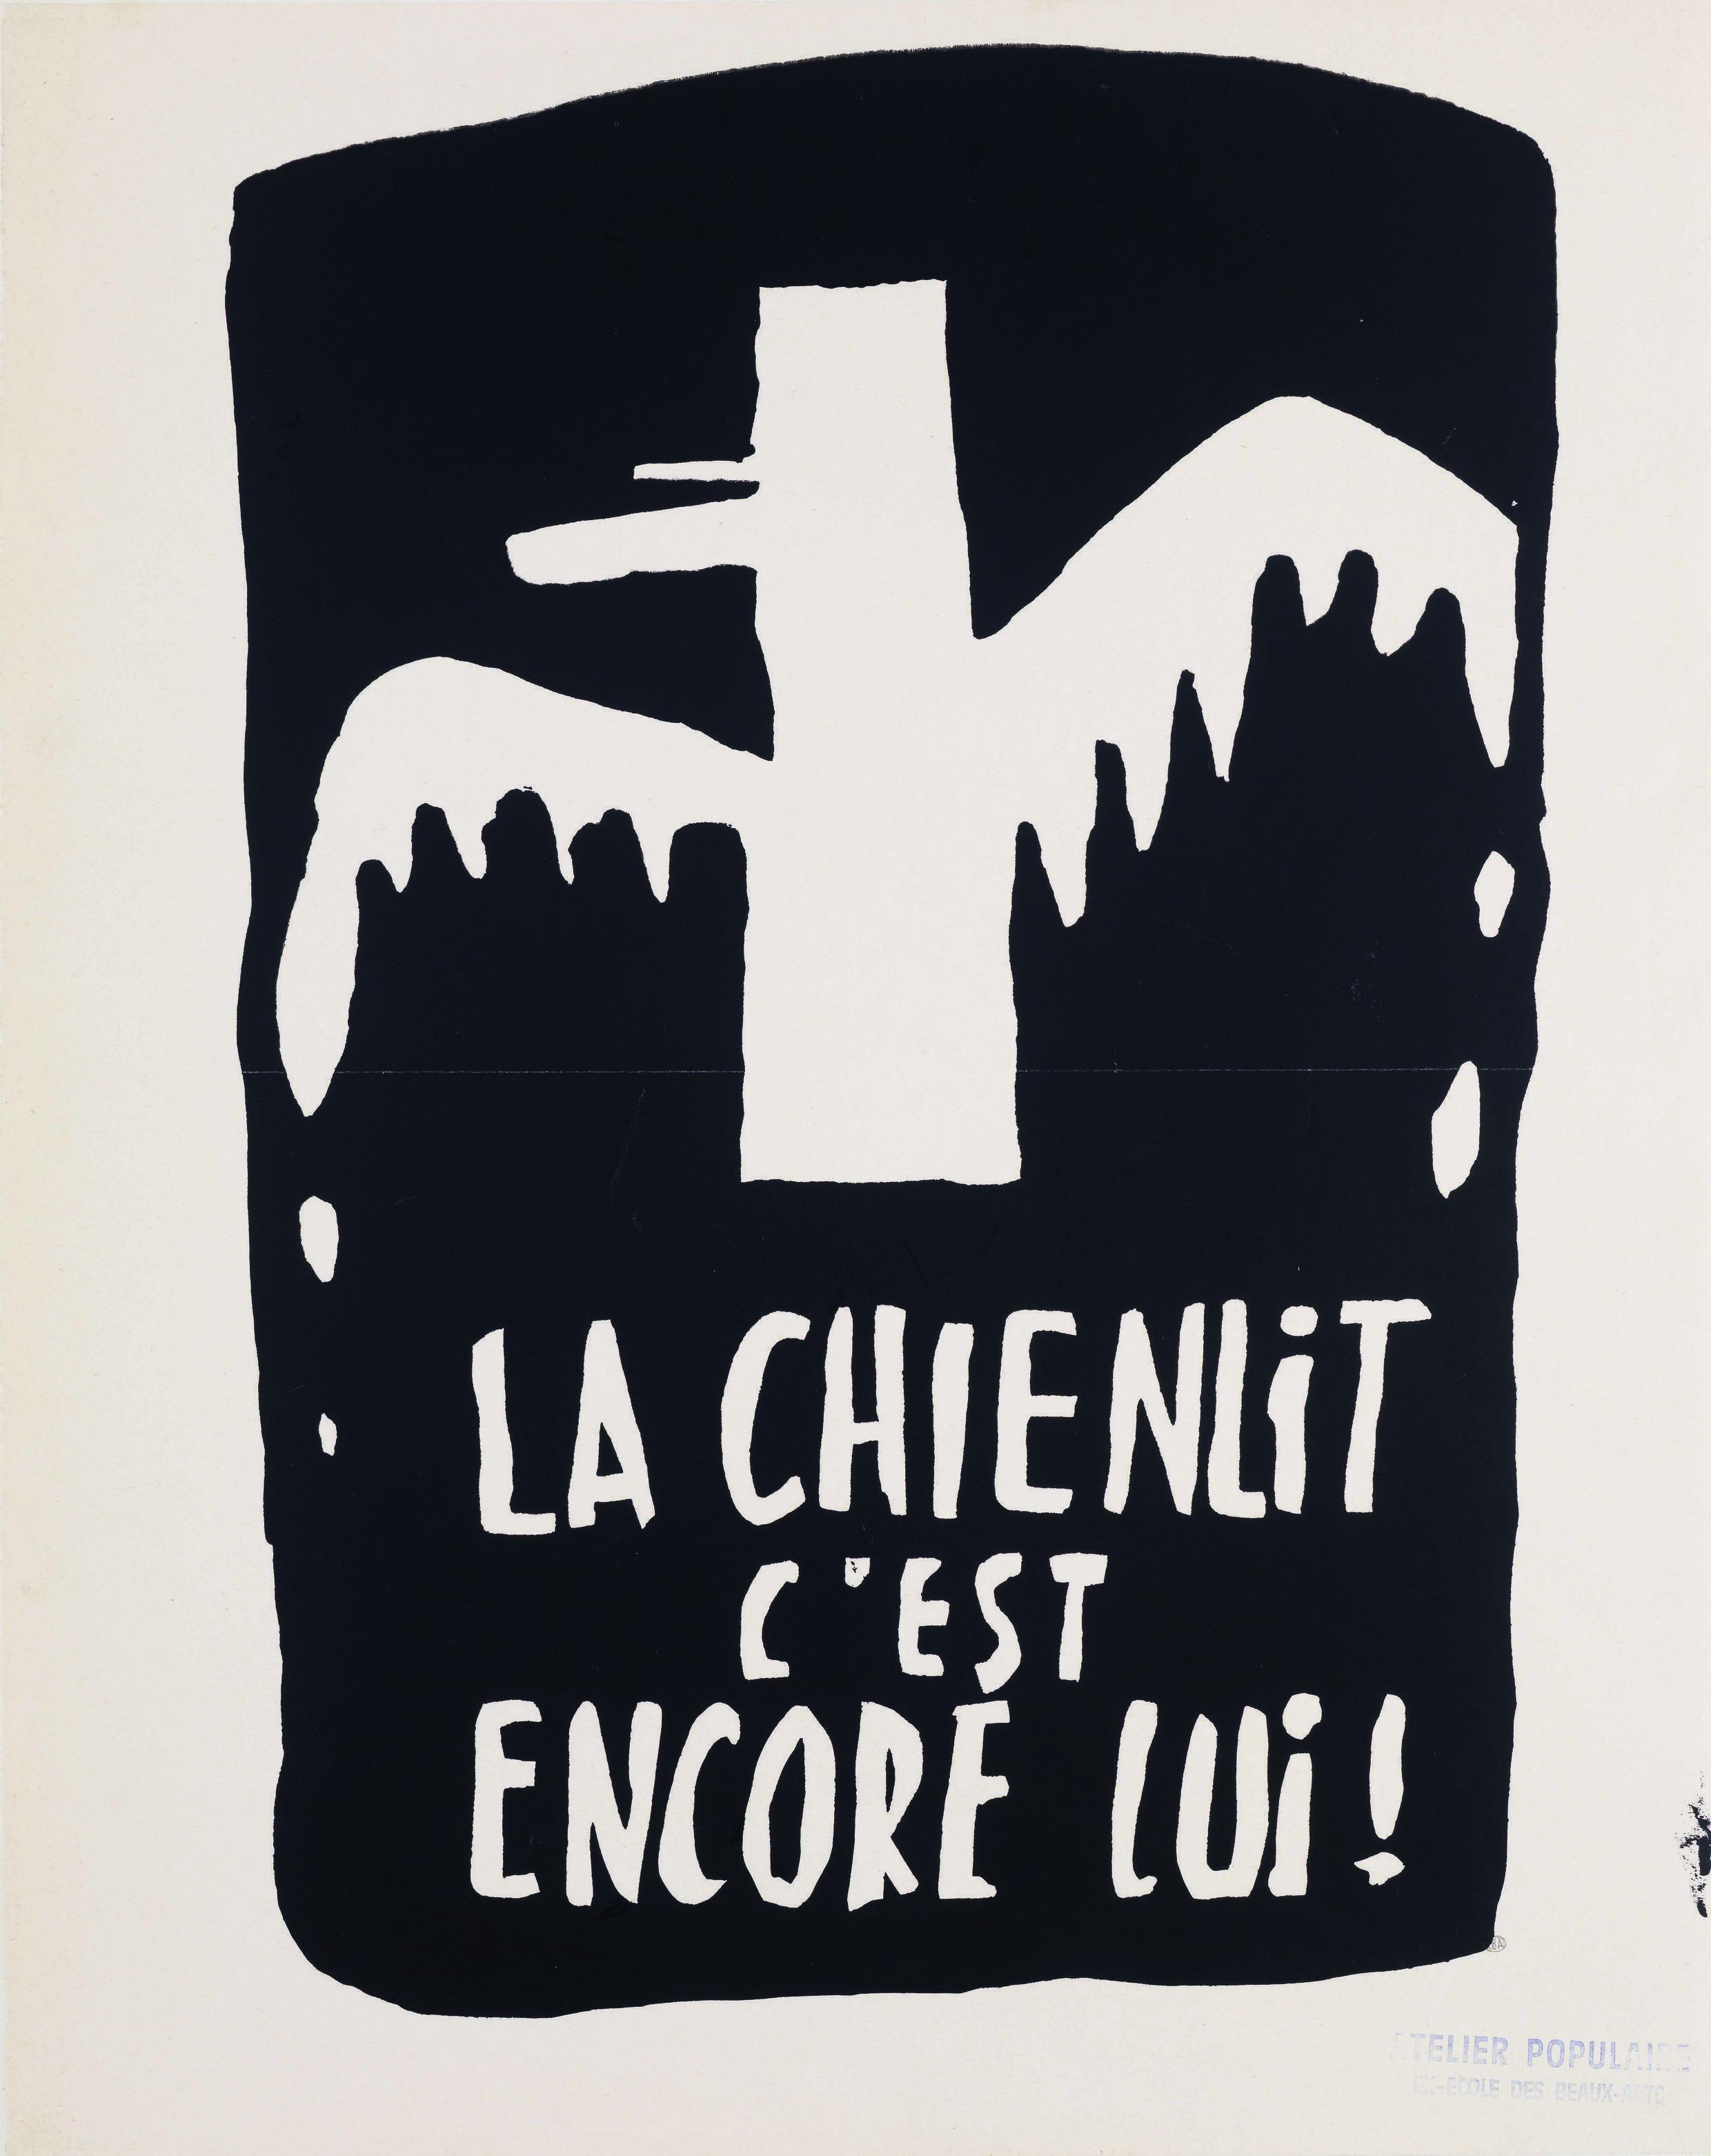 La chienlit c'est encore lui («Беспорядок — это он»), плакат с силуэтом Шарля ле Голля